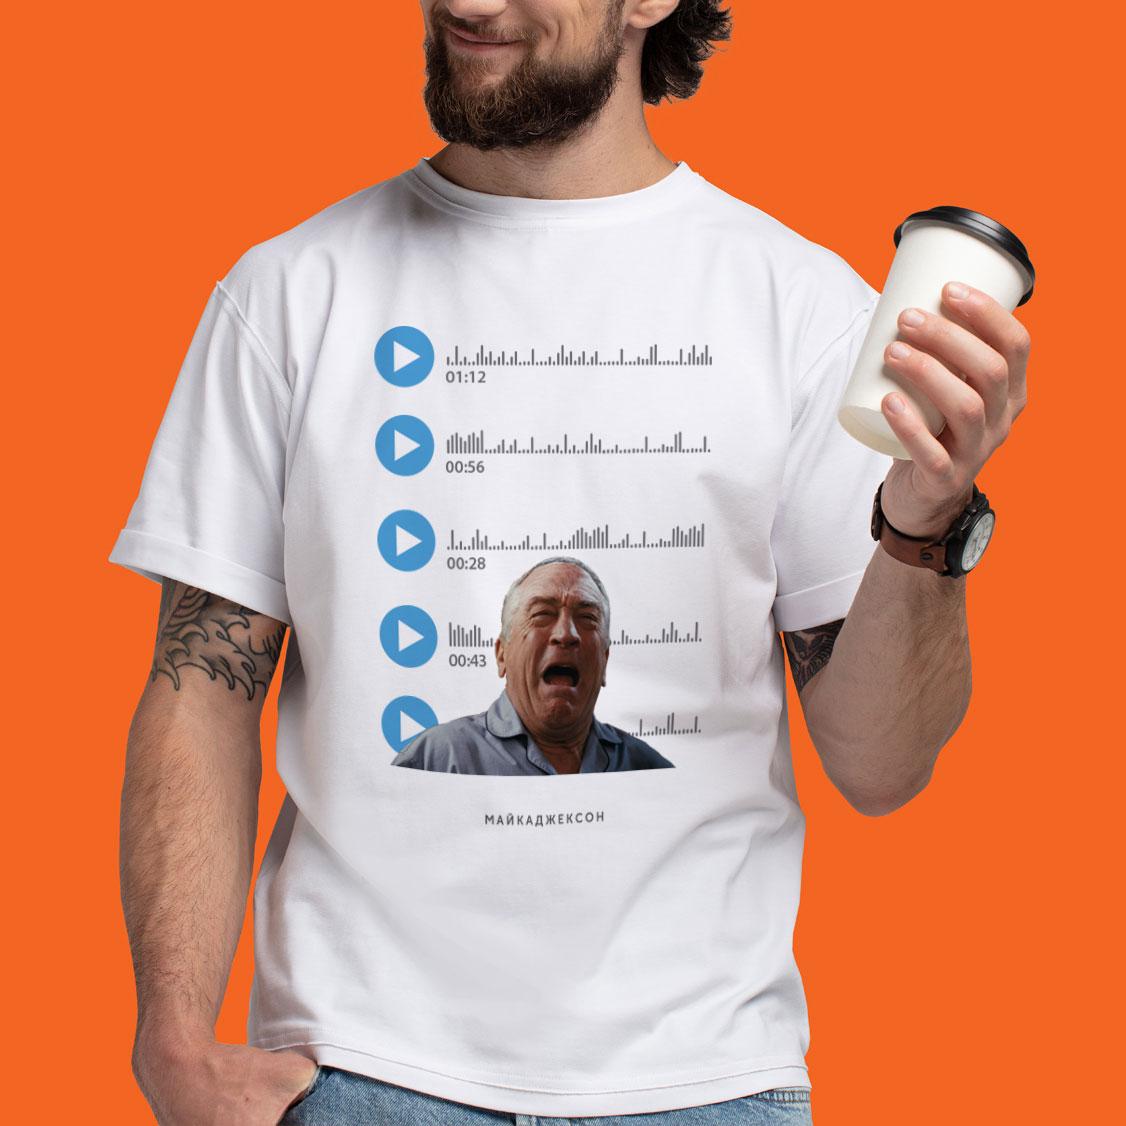 МАЙКАДЖЕКСОН - Футболка любителя голосовых сообщений